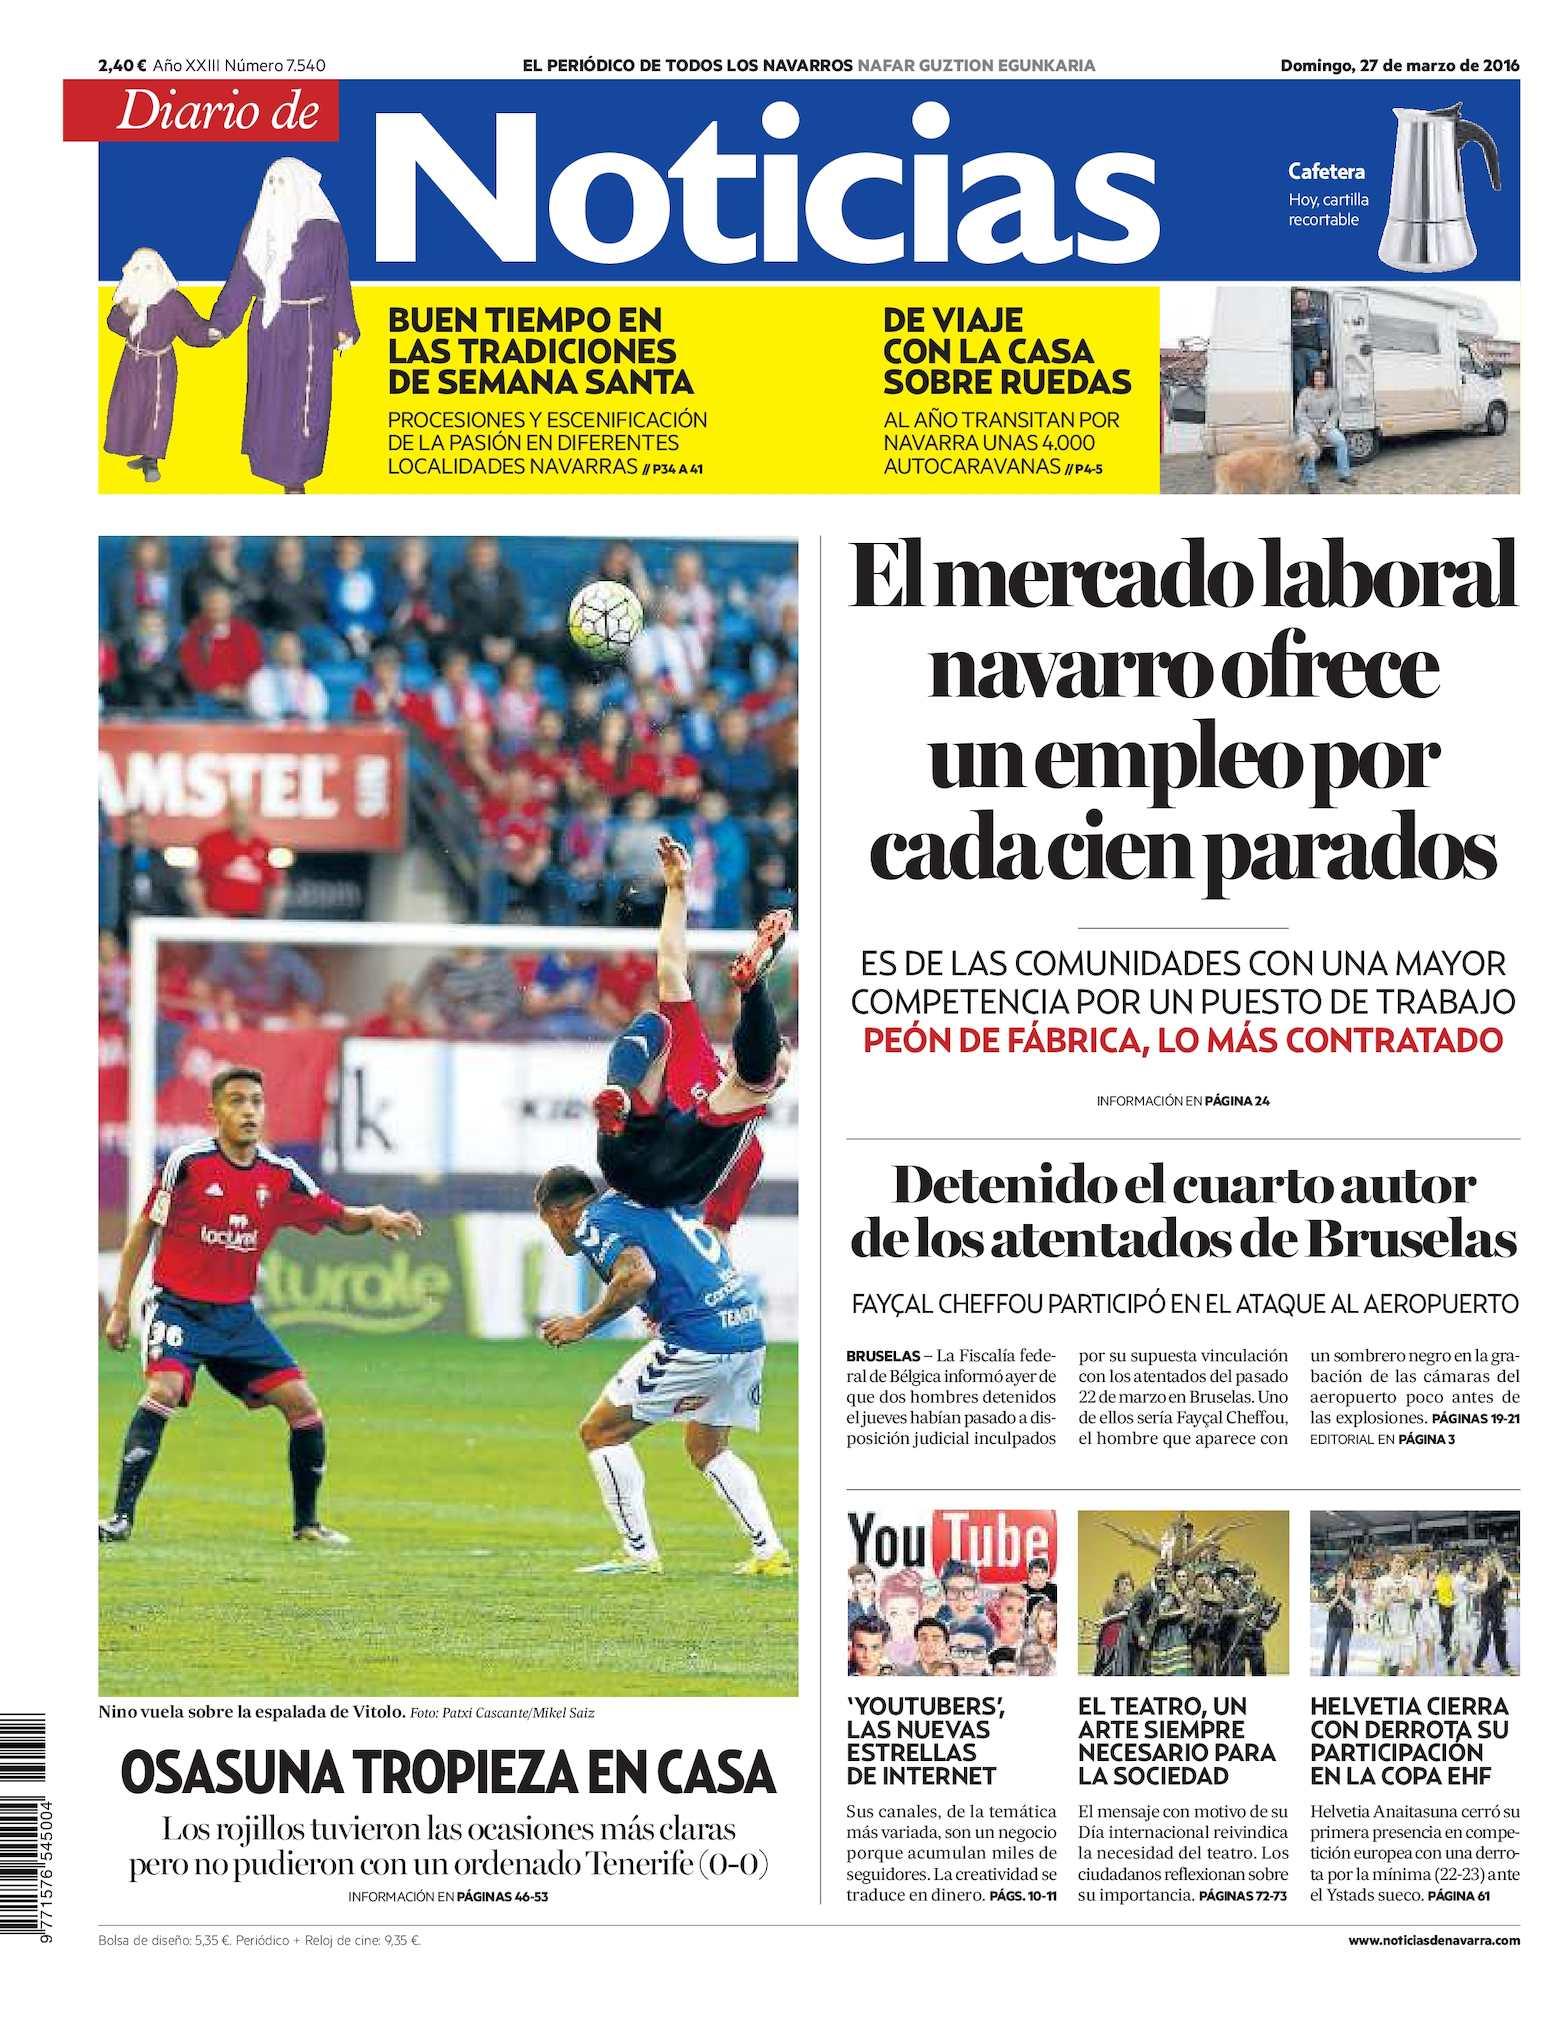 Calaméo - Diario de Noticias 20160327 a7e5bb75d05